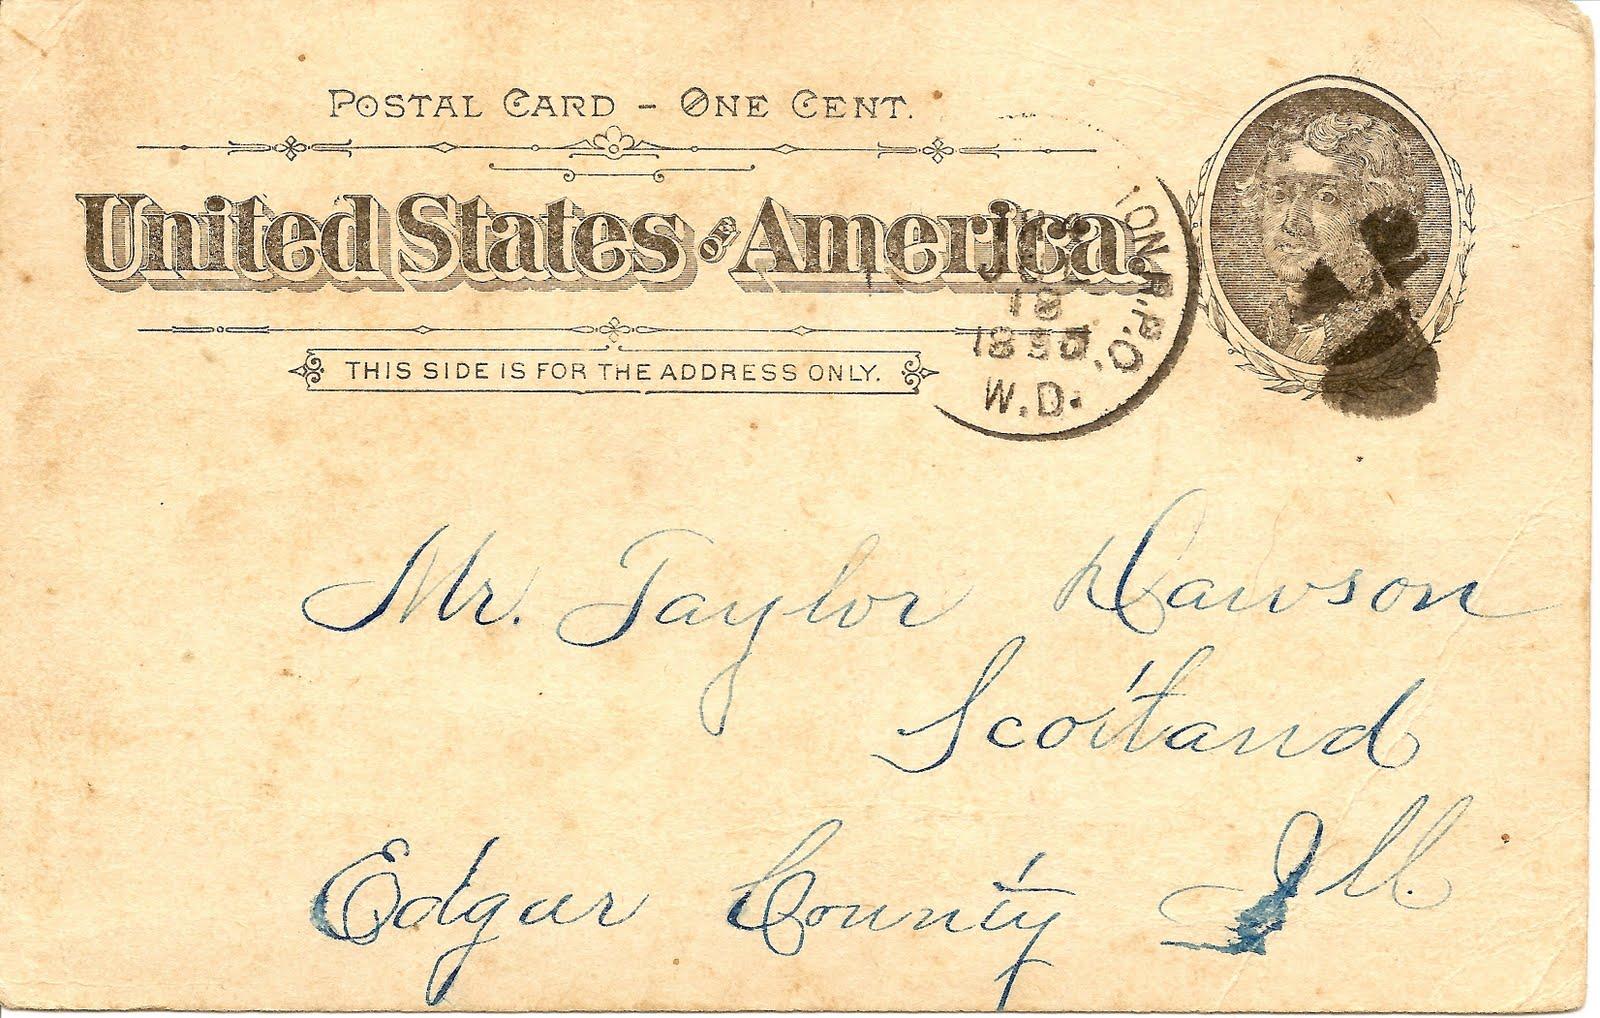 Illinois edgar county kansas - Amanuensis Monday 1895 Postcard Kansas To Illinois